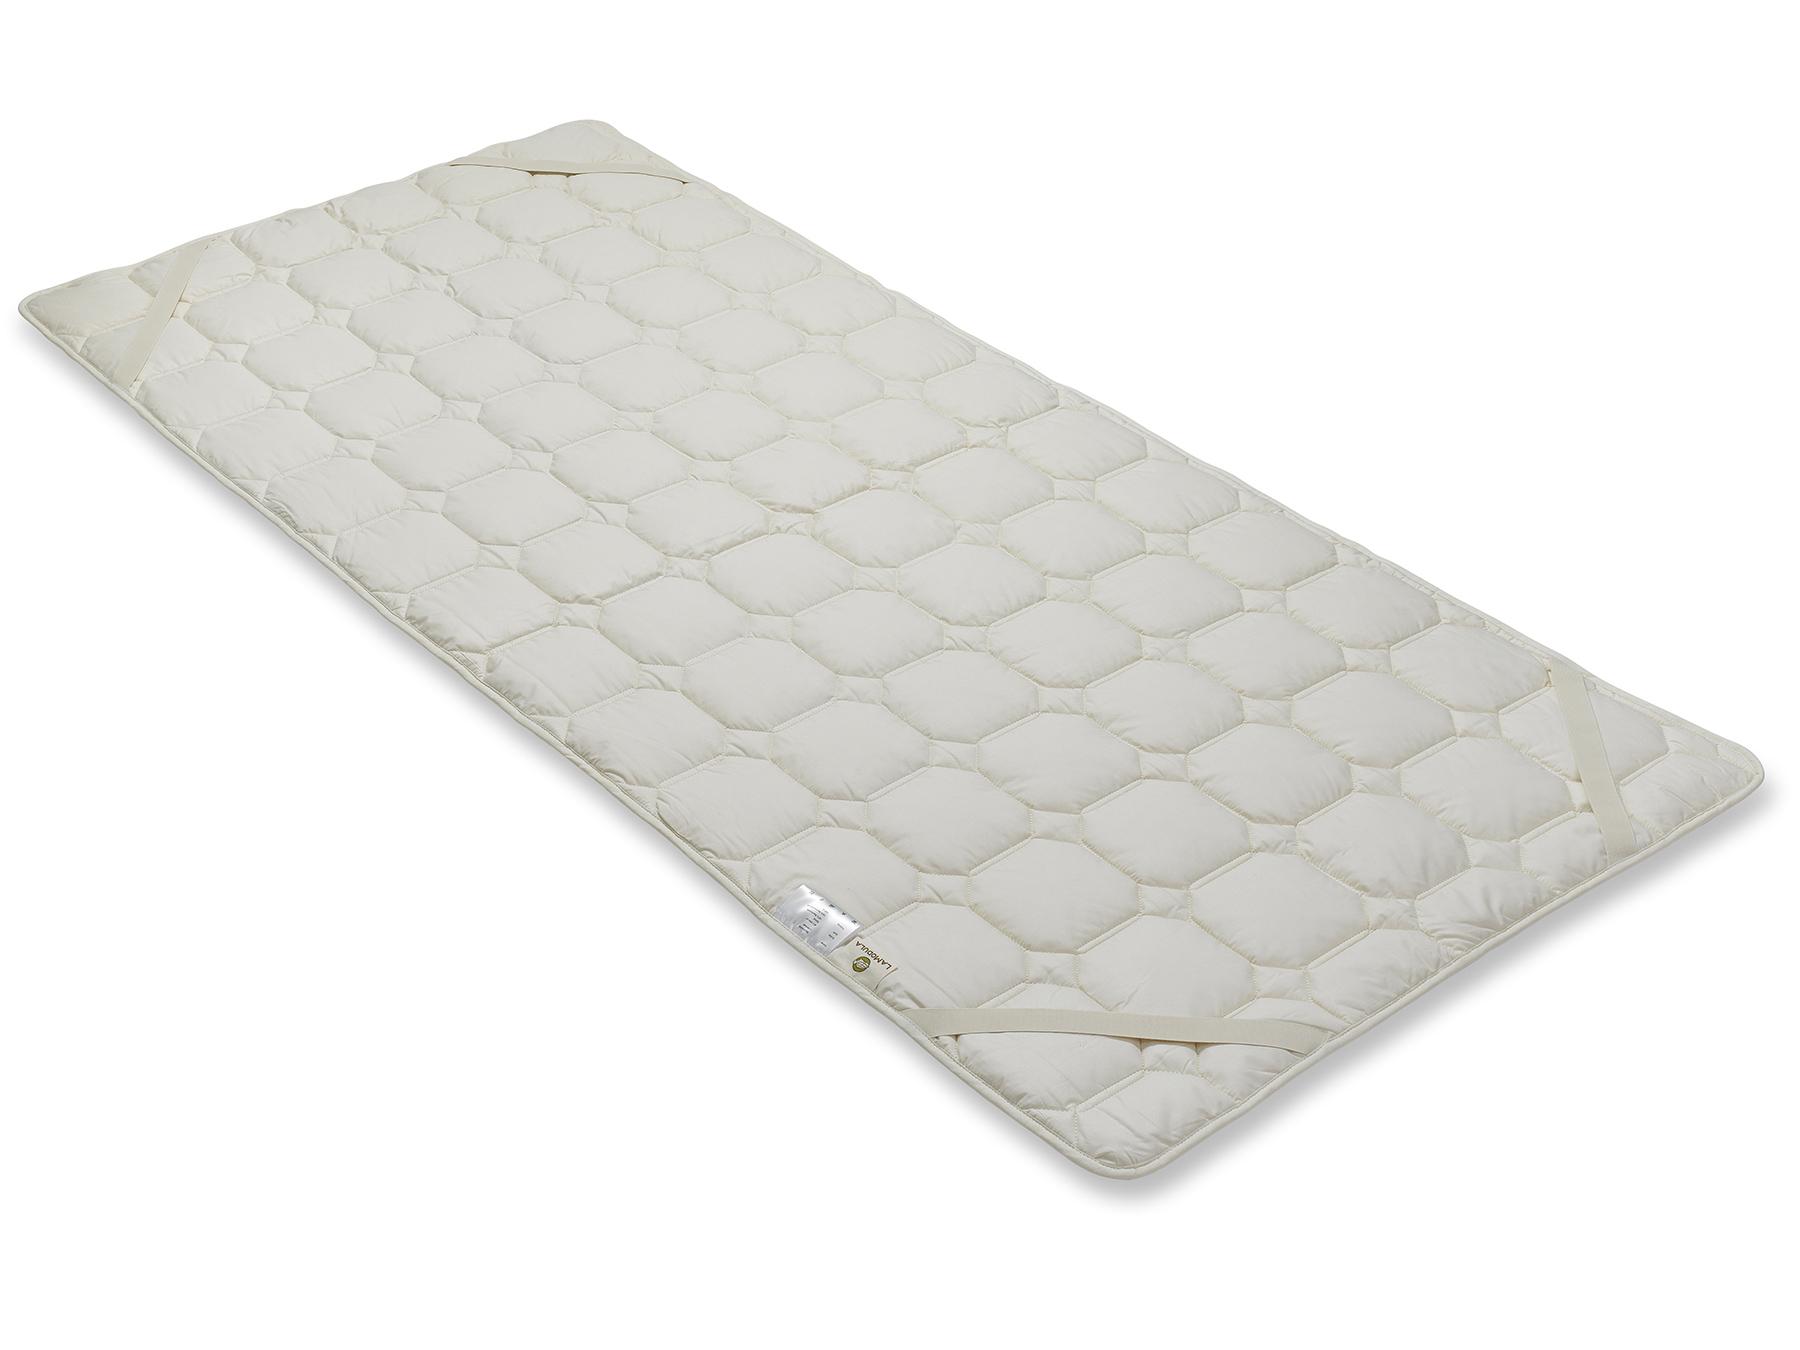 Mit den vier praktischen Schräggummibändern wird der Matratzenschoner an der Matratze befestigt.